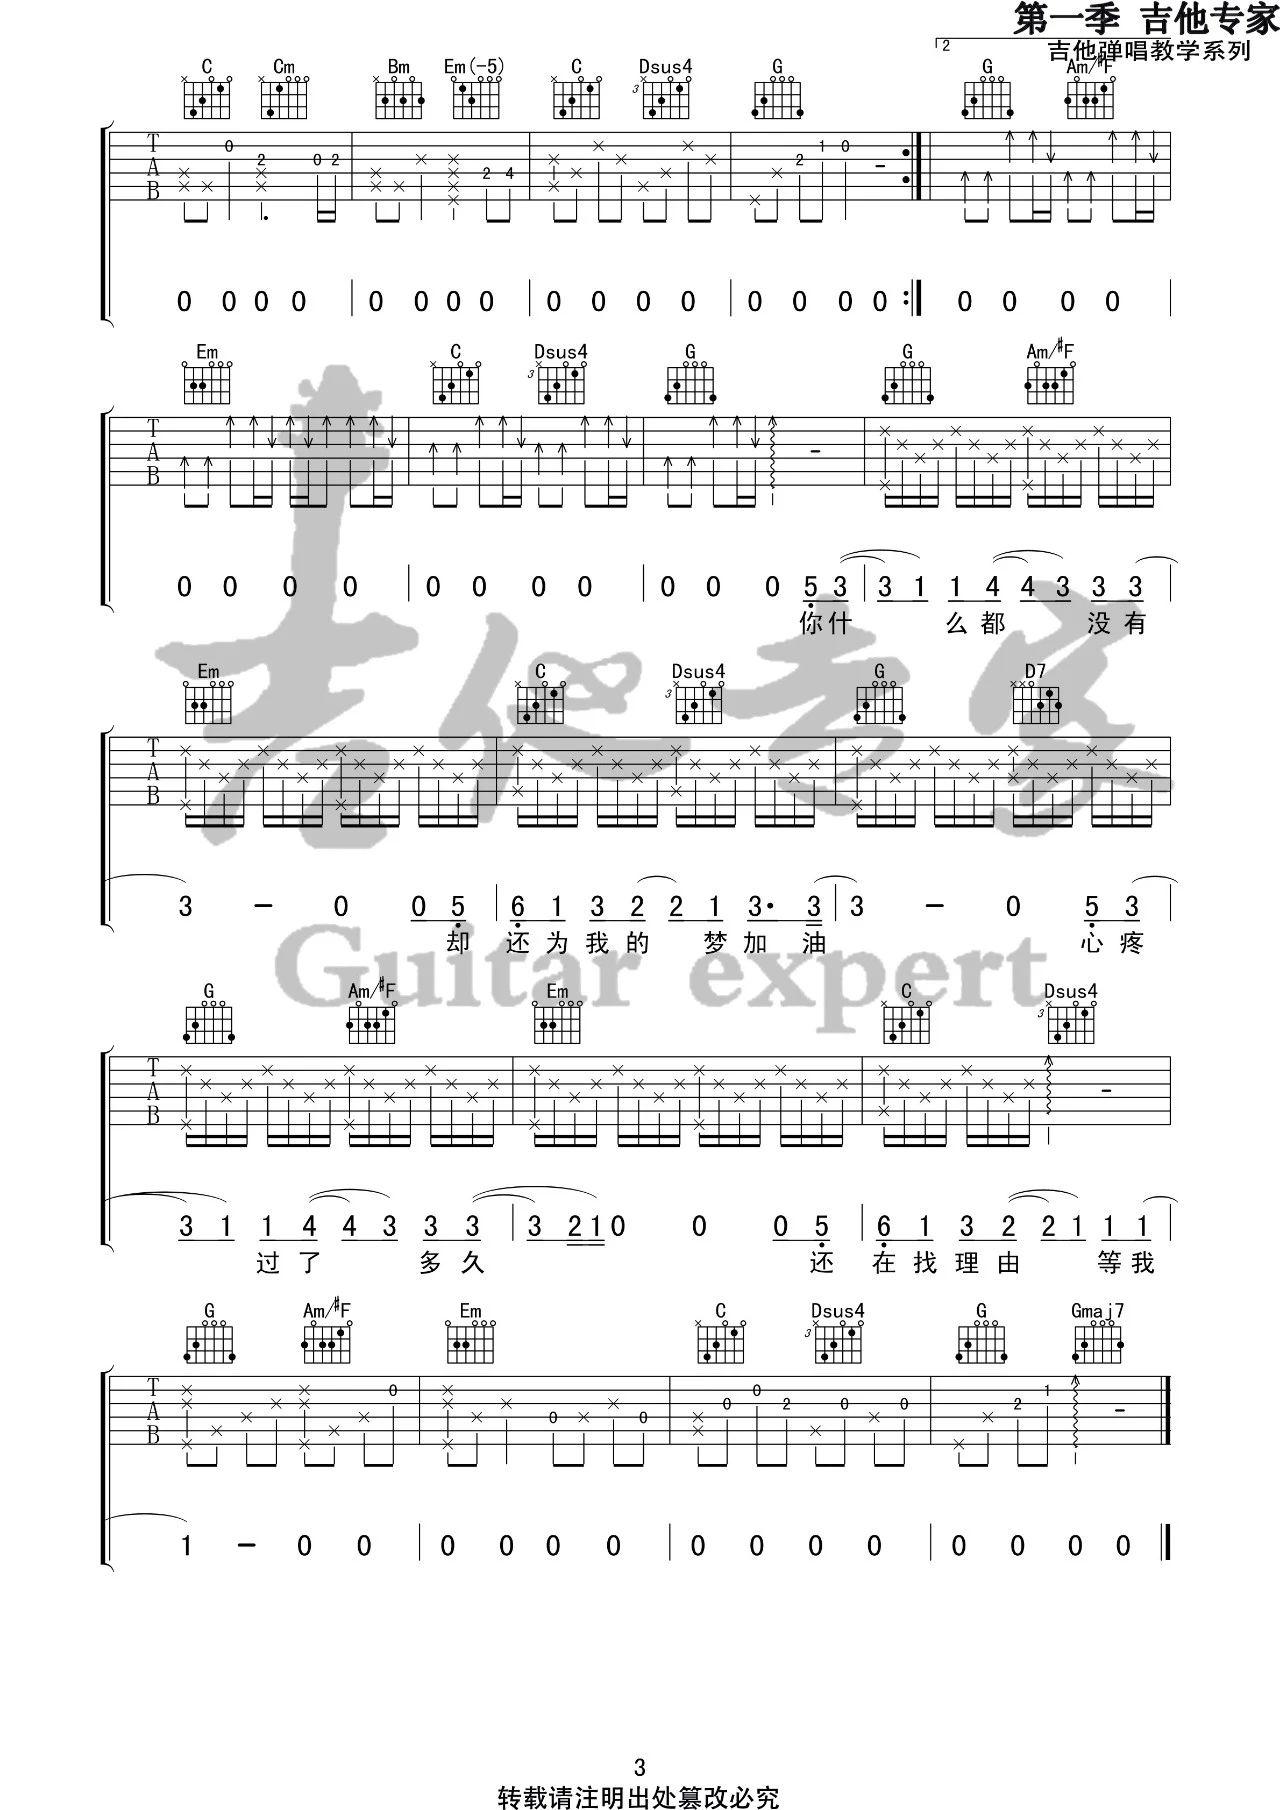 吉他派-《说好不哭》吉他谱-3